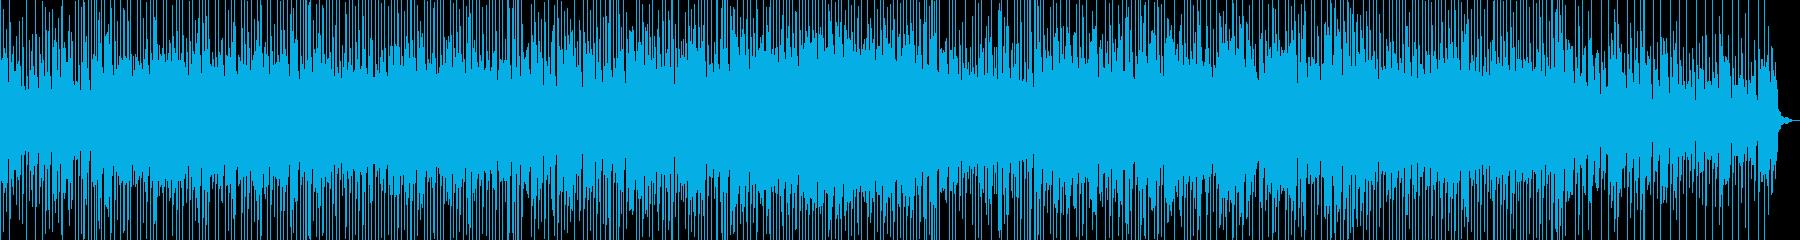 切ない曲調に軽快なリズムが乗ったBGMの再生済みの波形